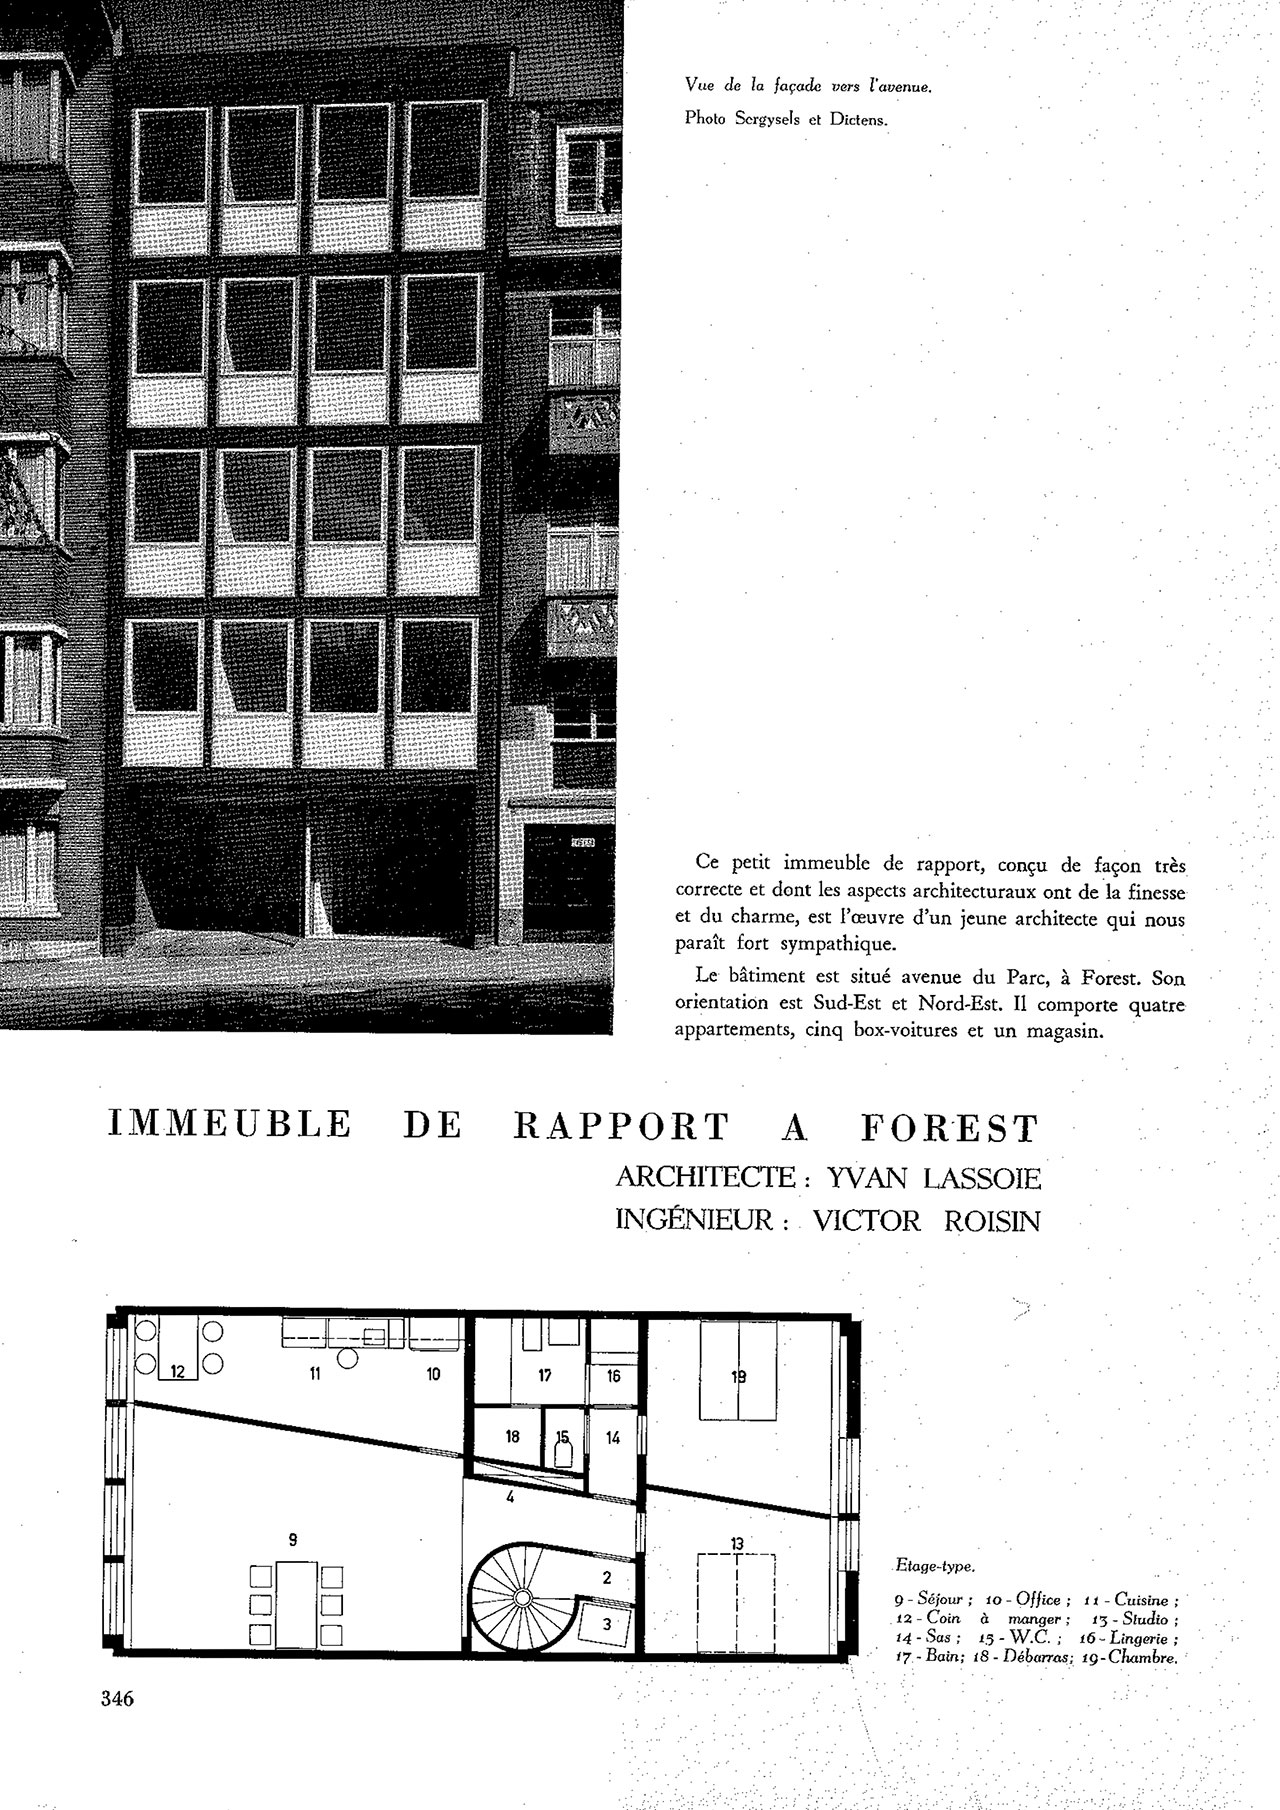 Immeuble de rapport à Forest